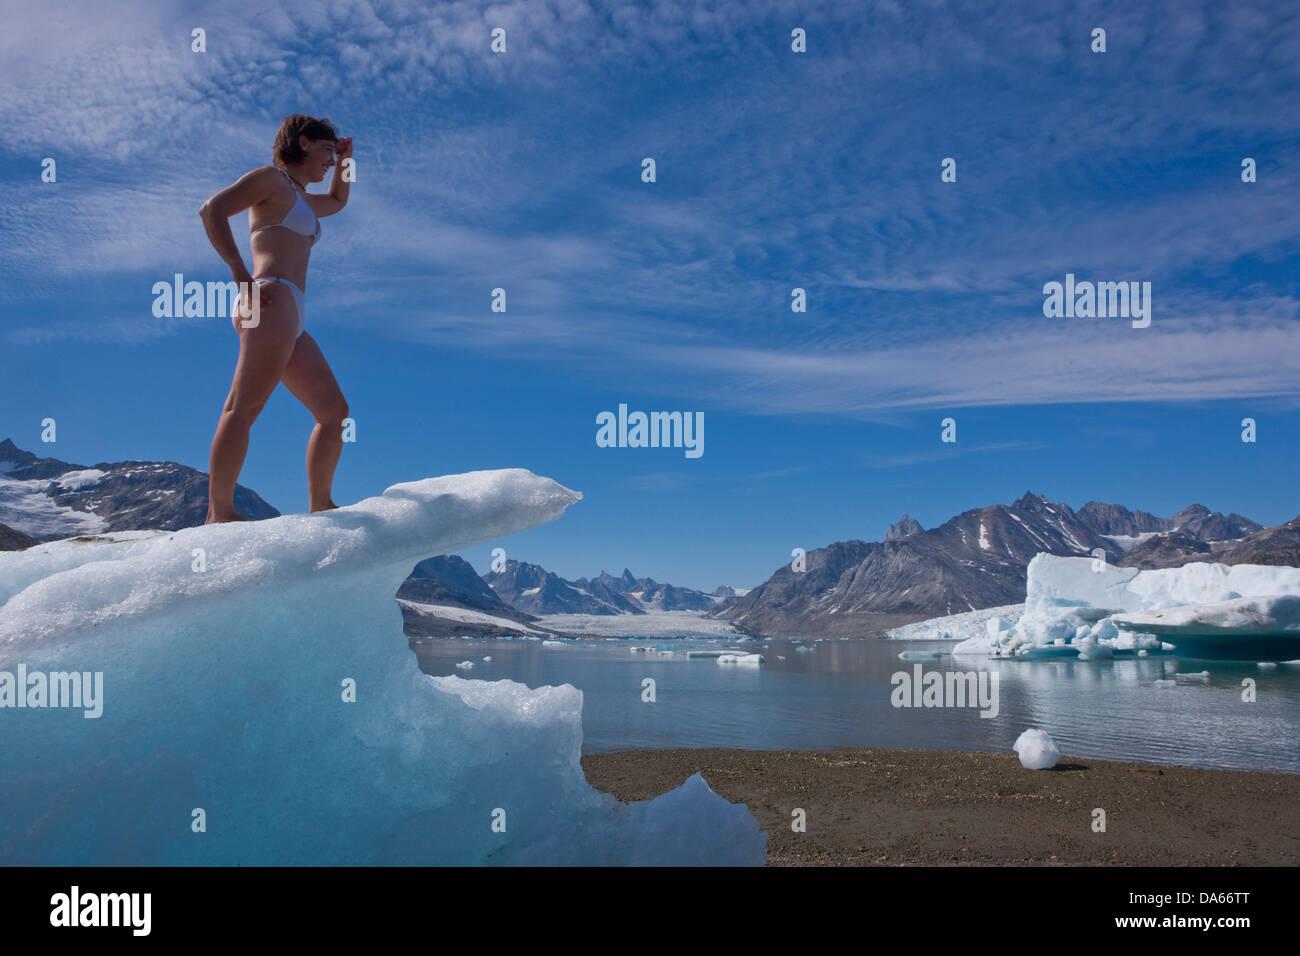 Sermiligaaq, Baden, Karale, camp, Groenlandia, est della Groenlandia, ghiacciaio, ghiaccio, Moraine, bagno, donna Immagini Stock